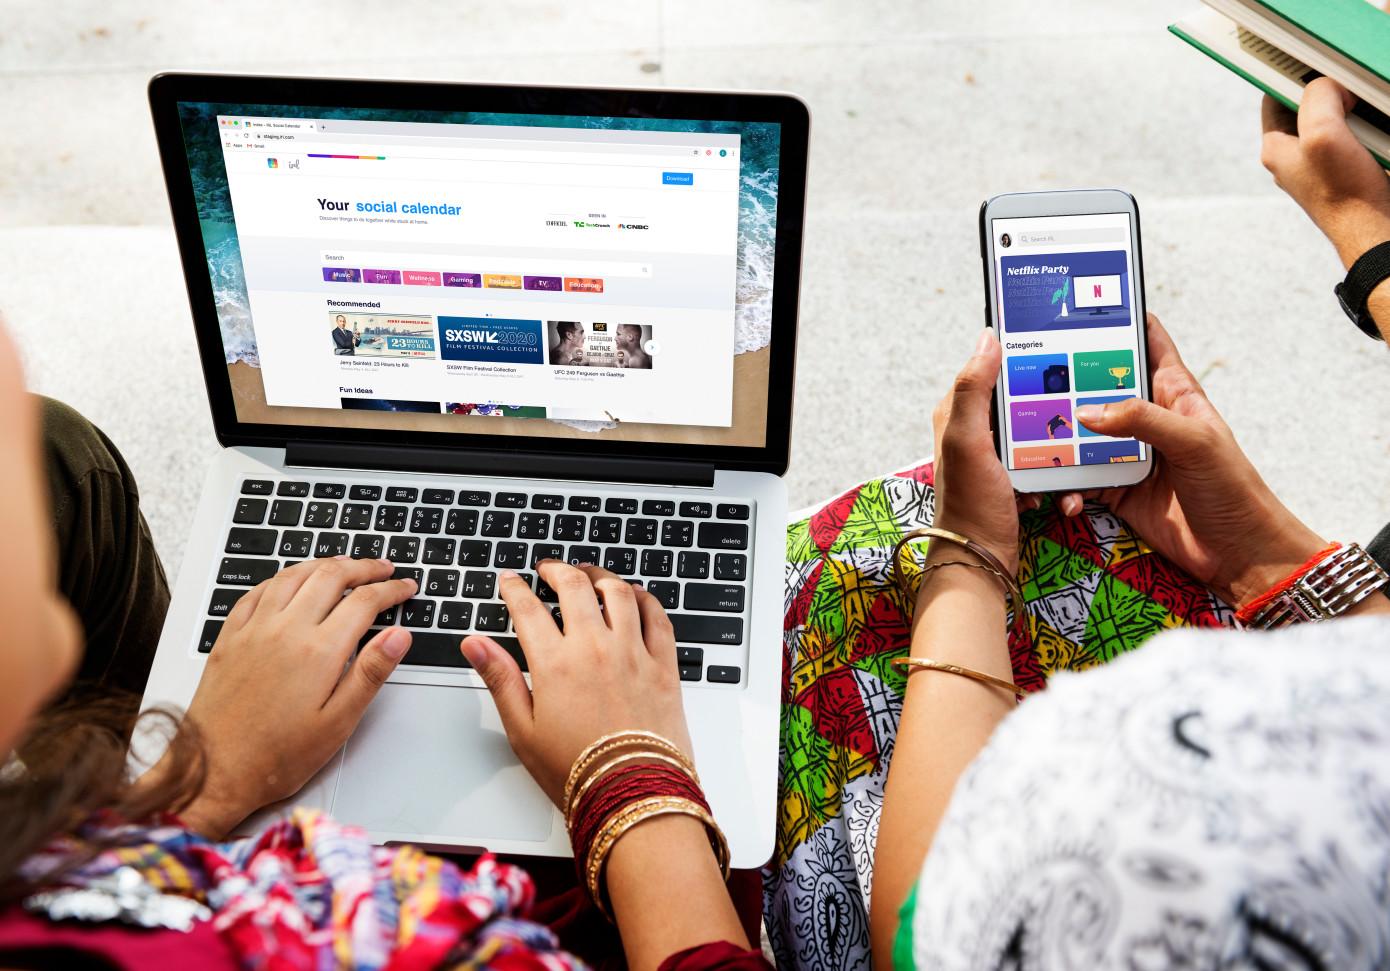 La aplicación de calendario para eventos virtuales IRL lanza un producto web